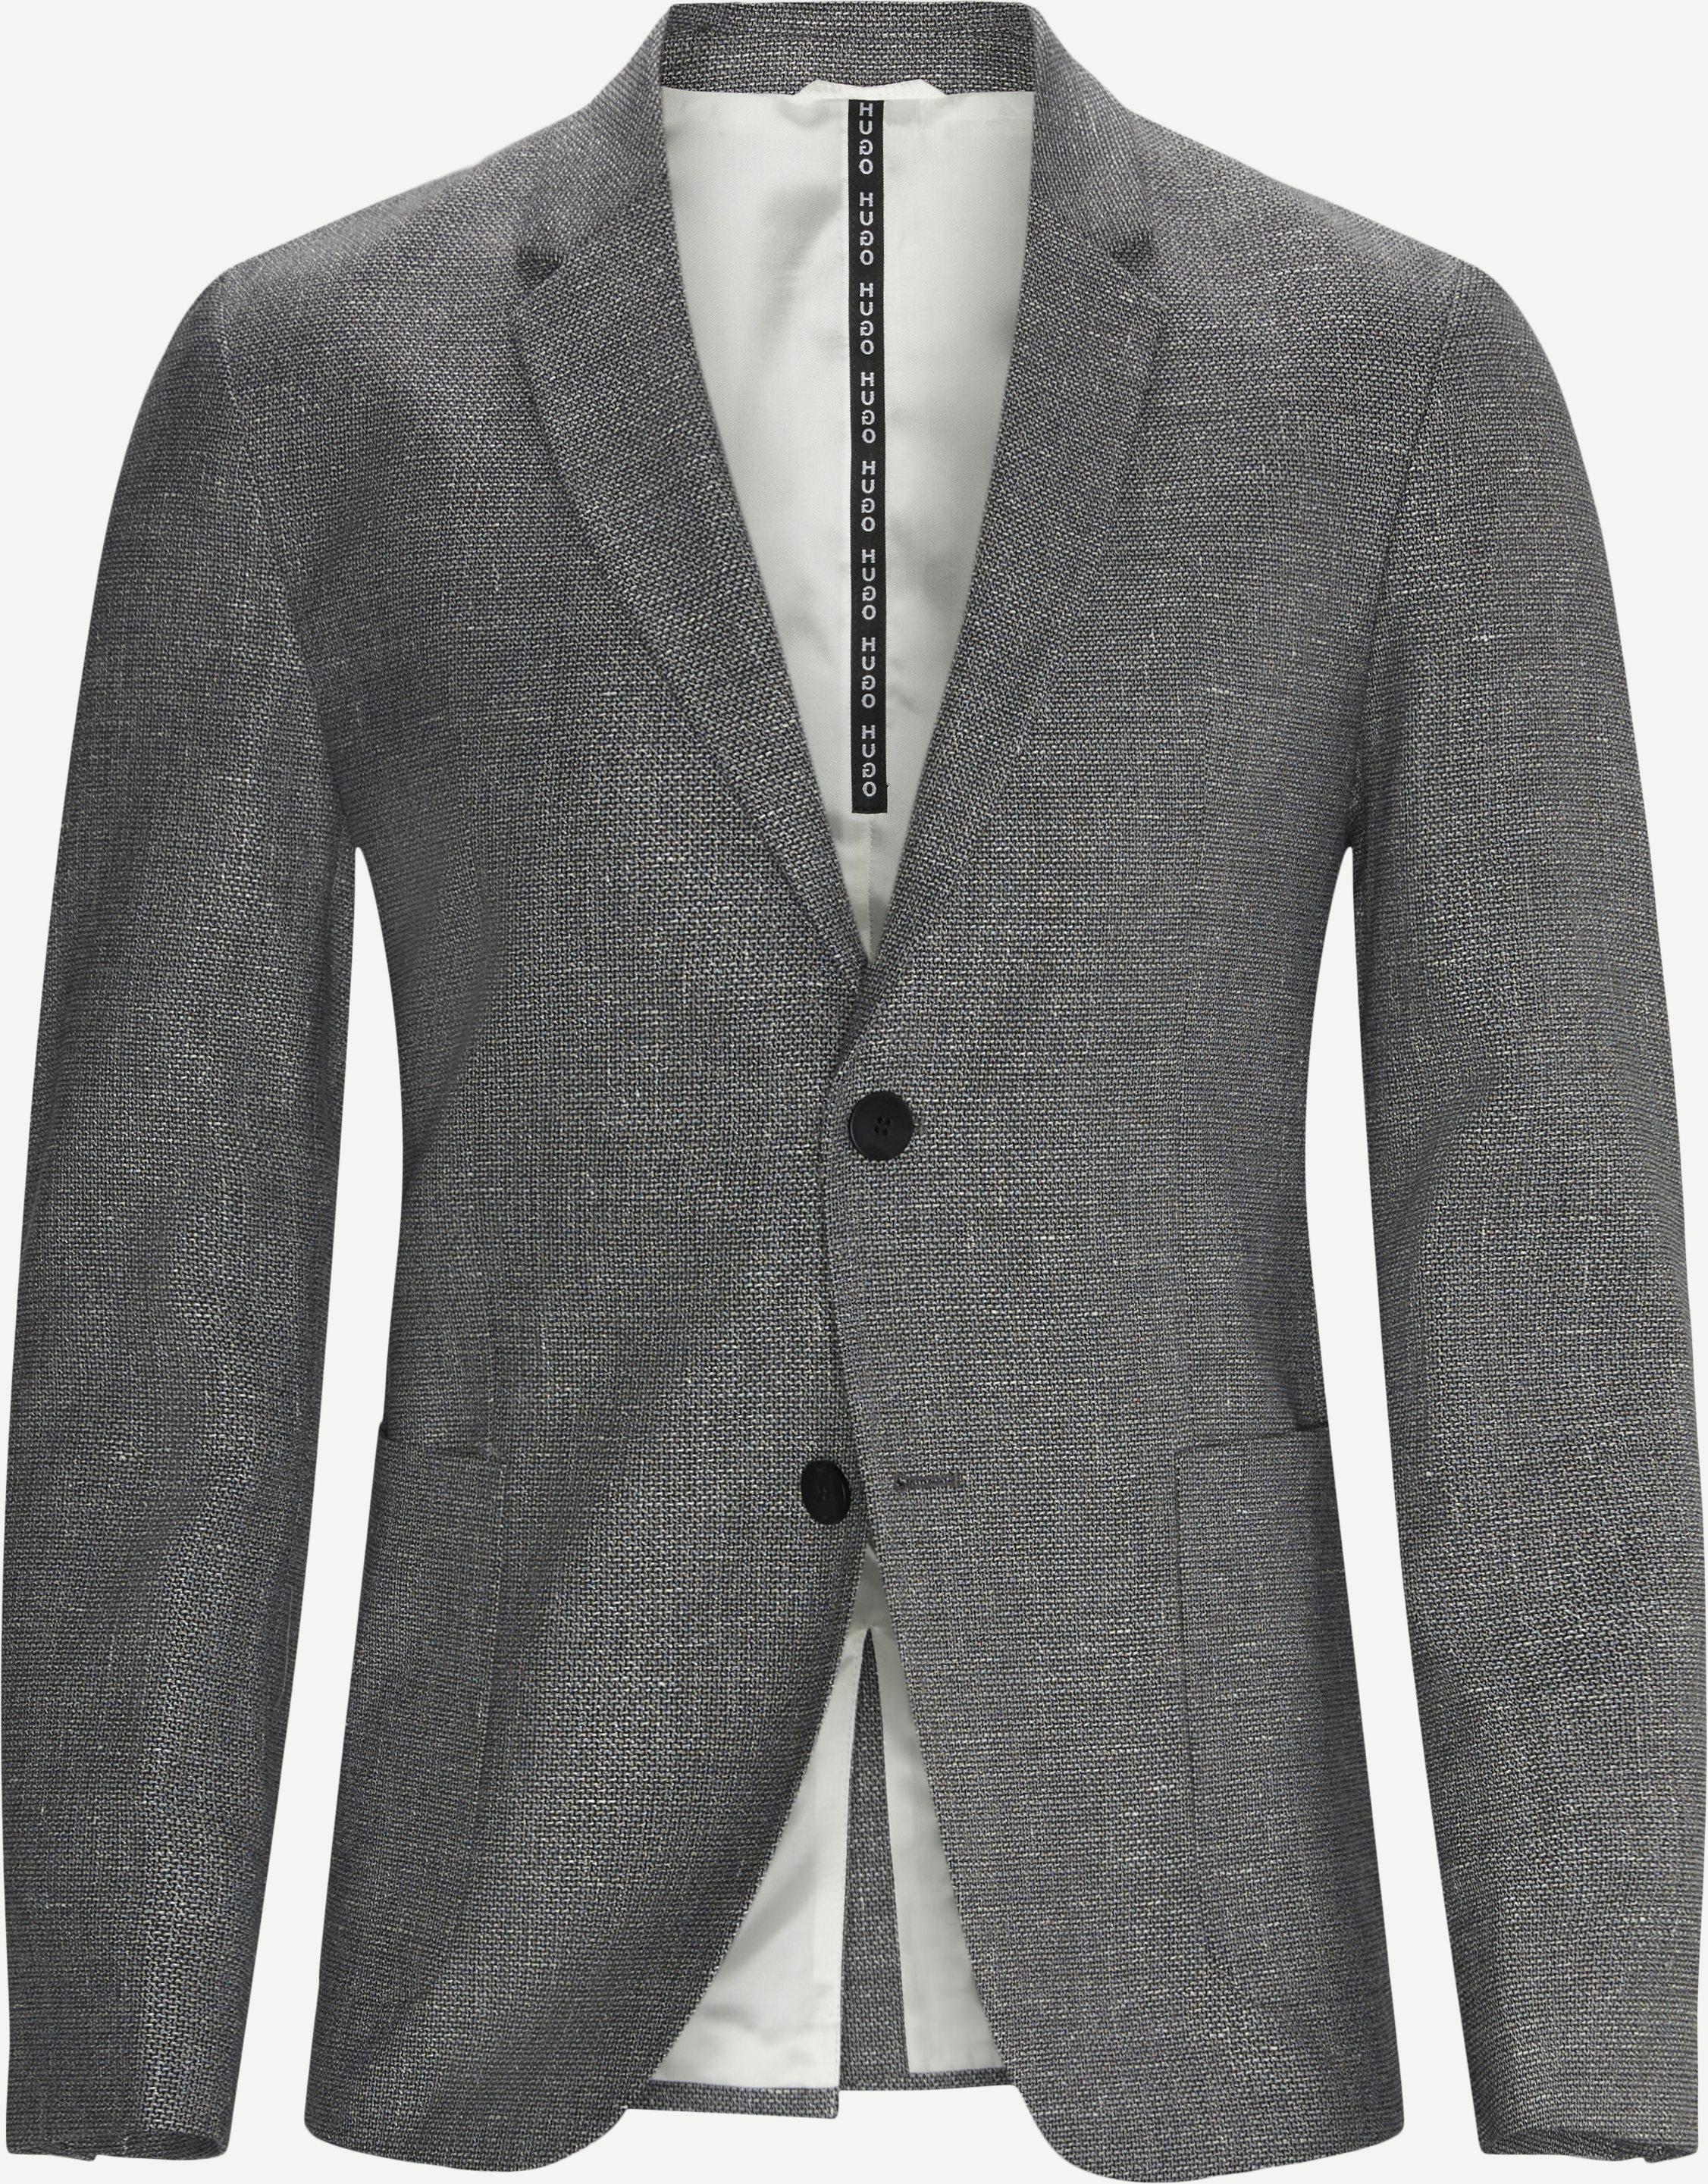 Blazers - Slim fit - Grey